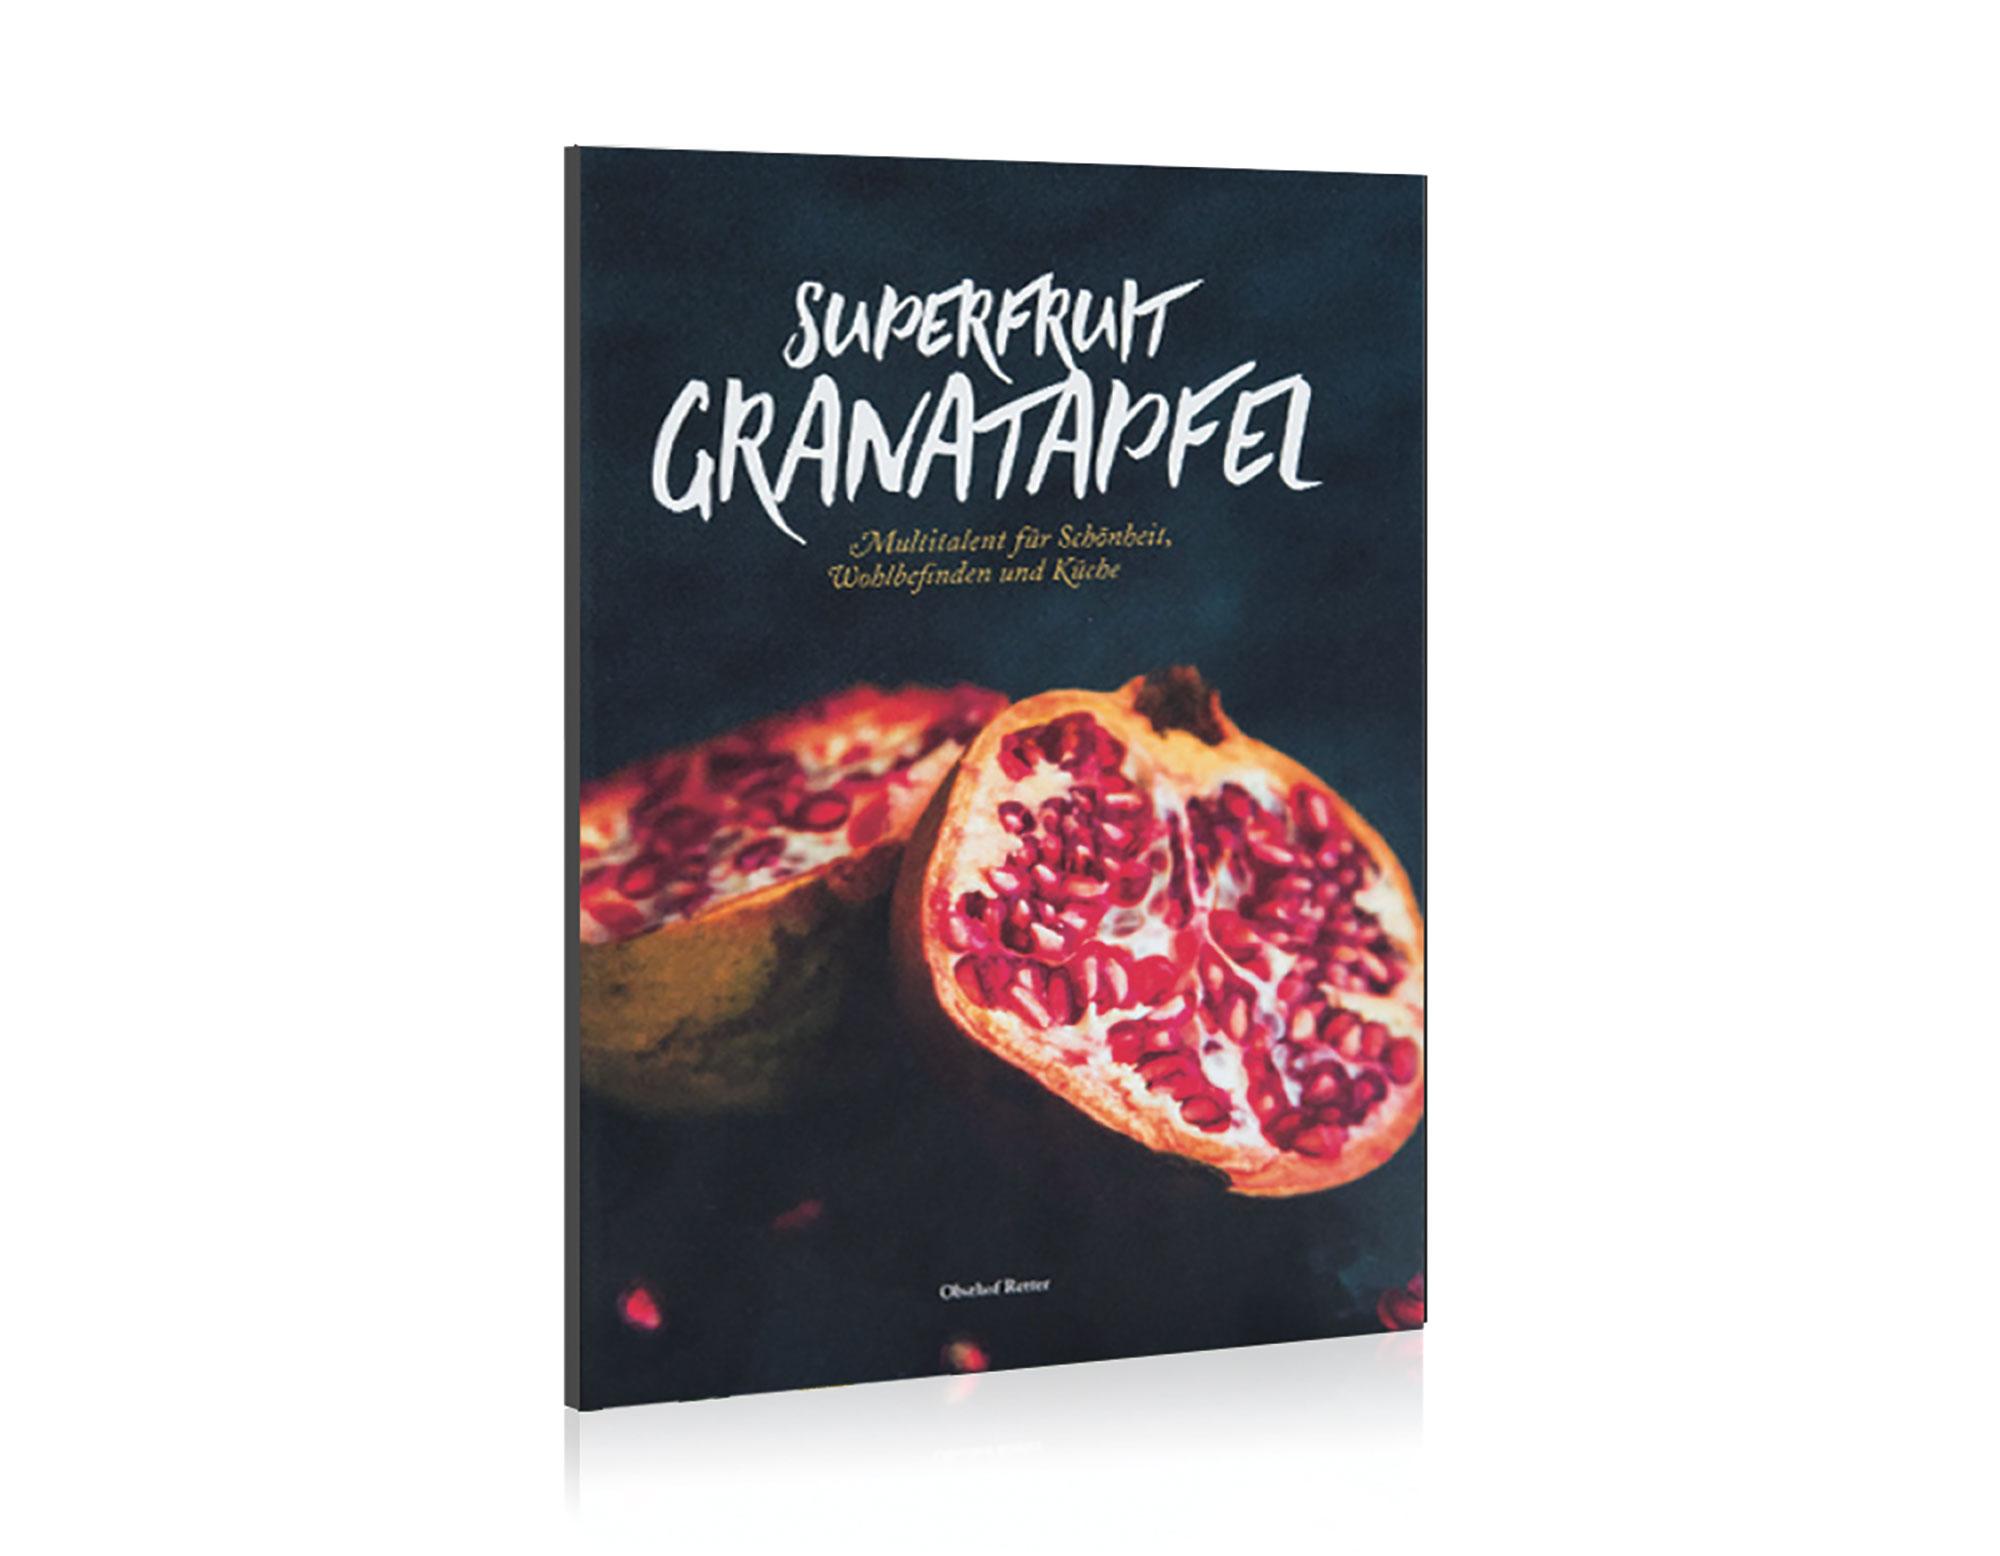 """Fach- und Sachbuch """"Superfruit Granatapfel"""""""